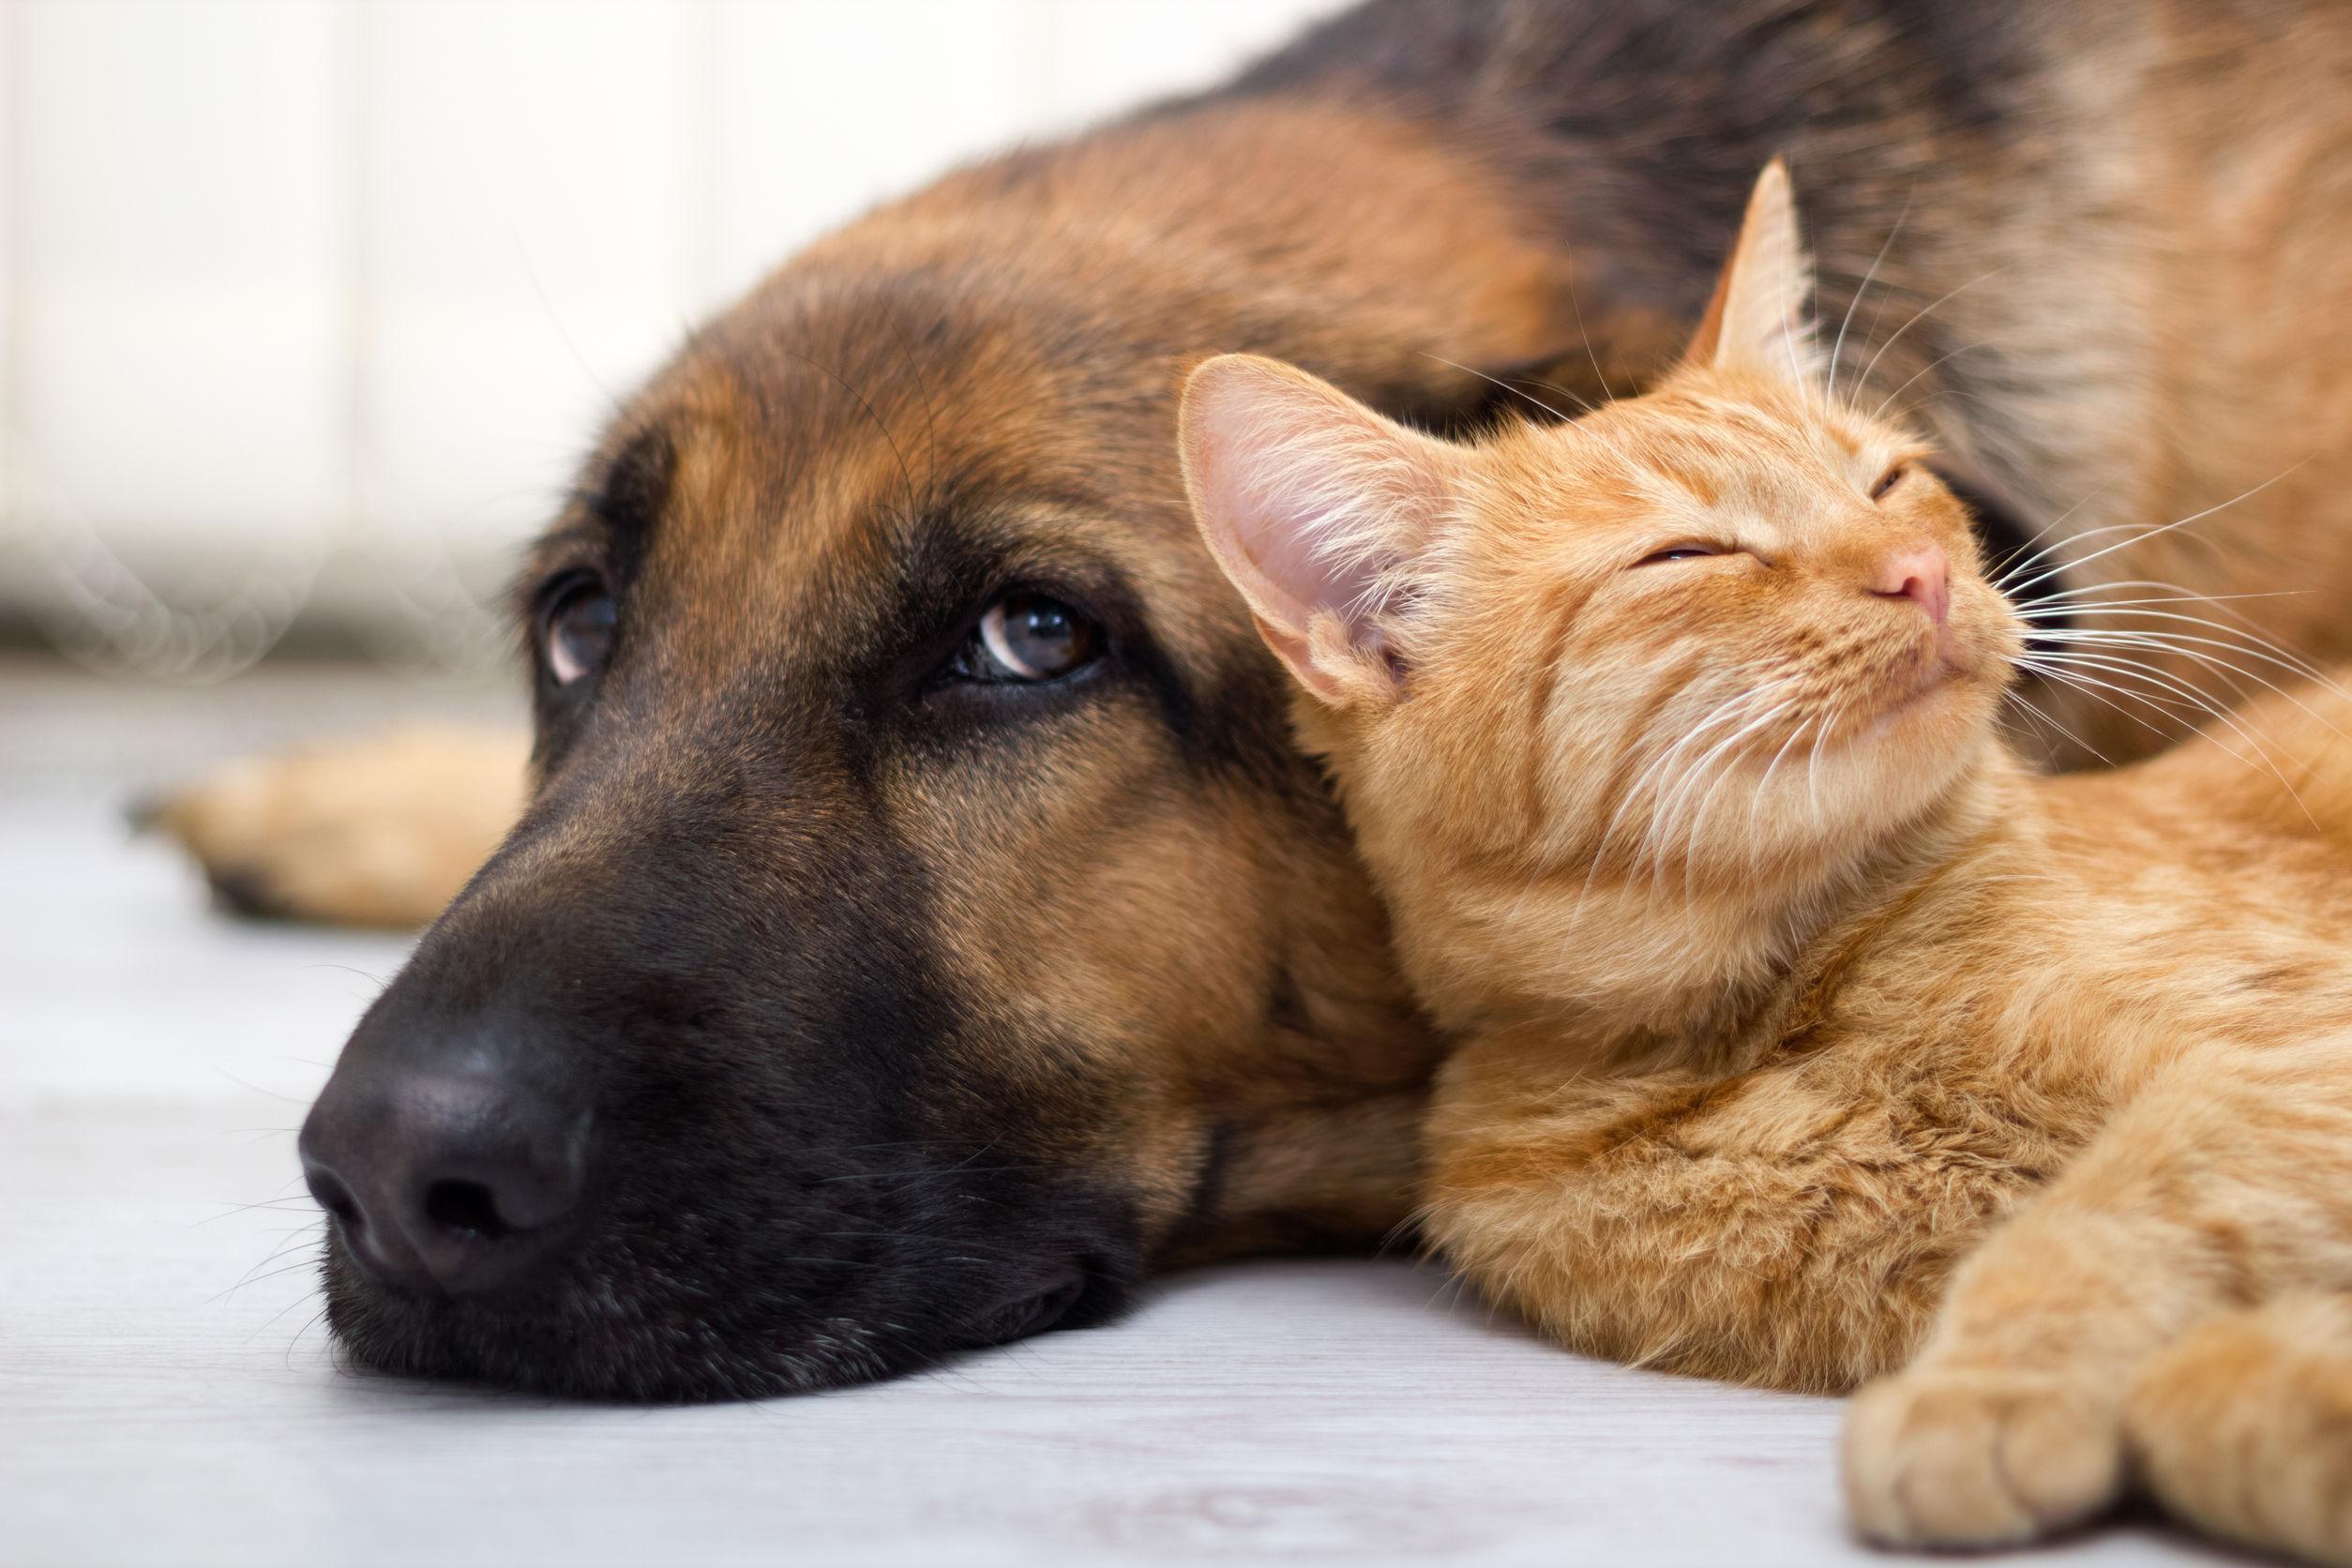 australia cat and dog 123rf